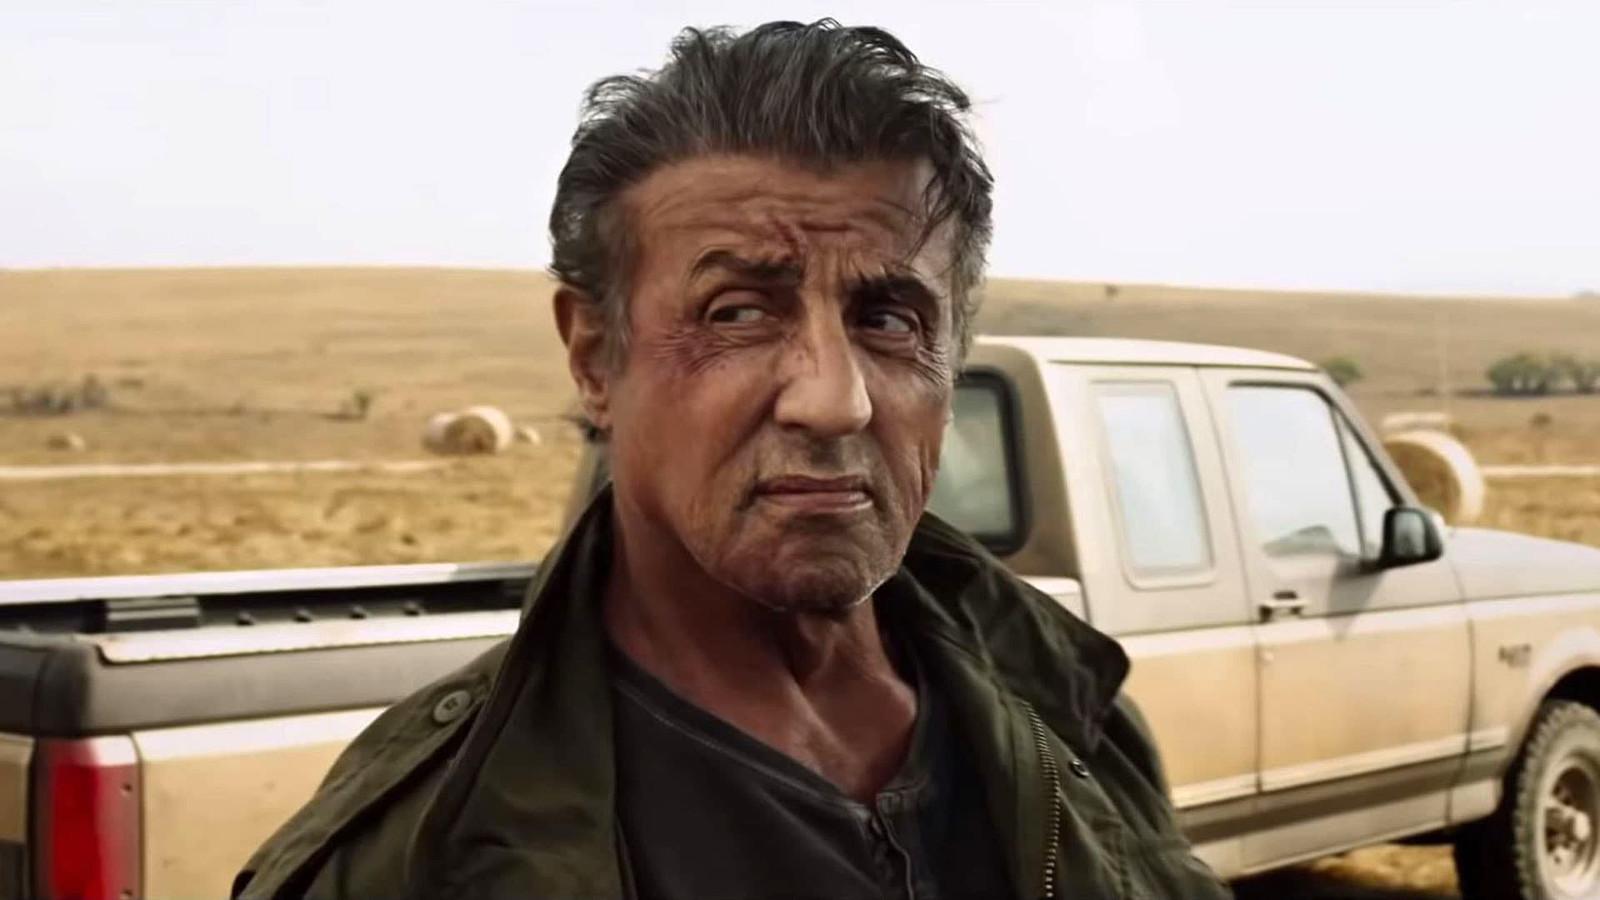 Het lijkt erop dat Rambo als speelbaar karakter naar Call of Duty Warzone komt. De oorlogsveteraan wordt in de films gespeeld door Sylvester Stallone.